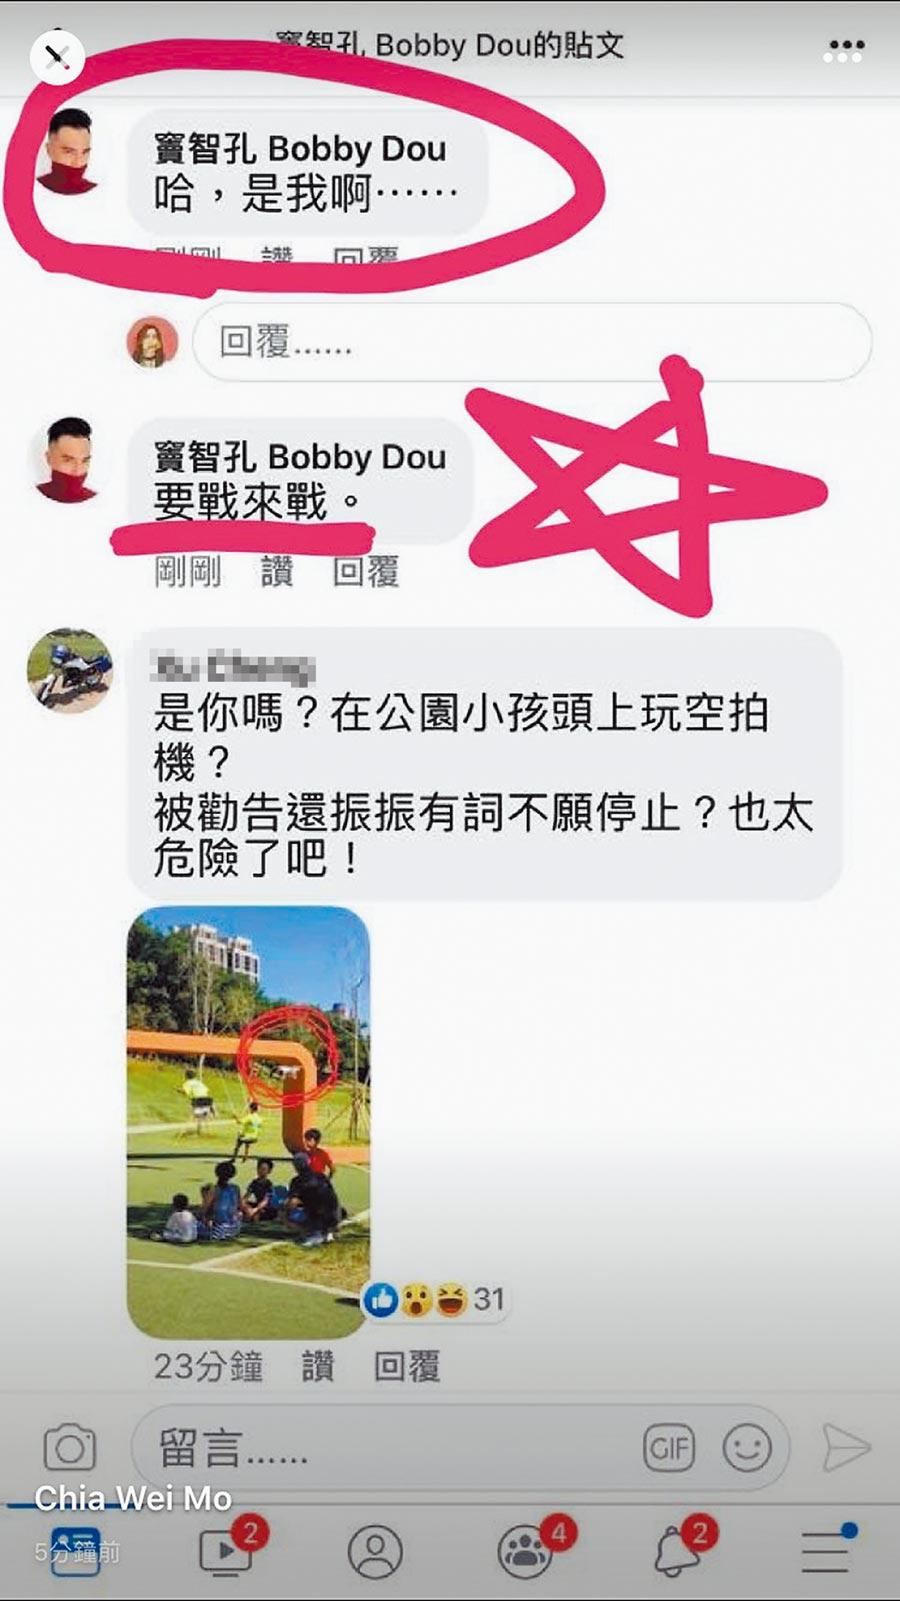 竇智孔回網友「要戰來戰」字眼遭撻伐,他昨在直播中道歉。(翻攝自網路)